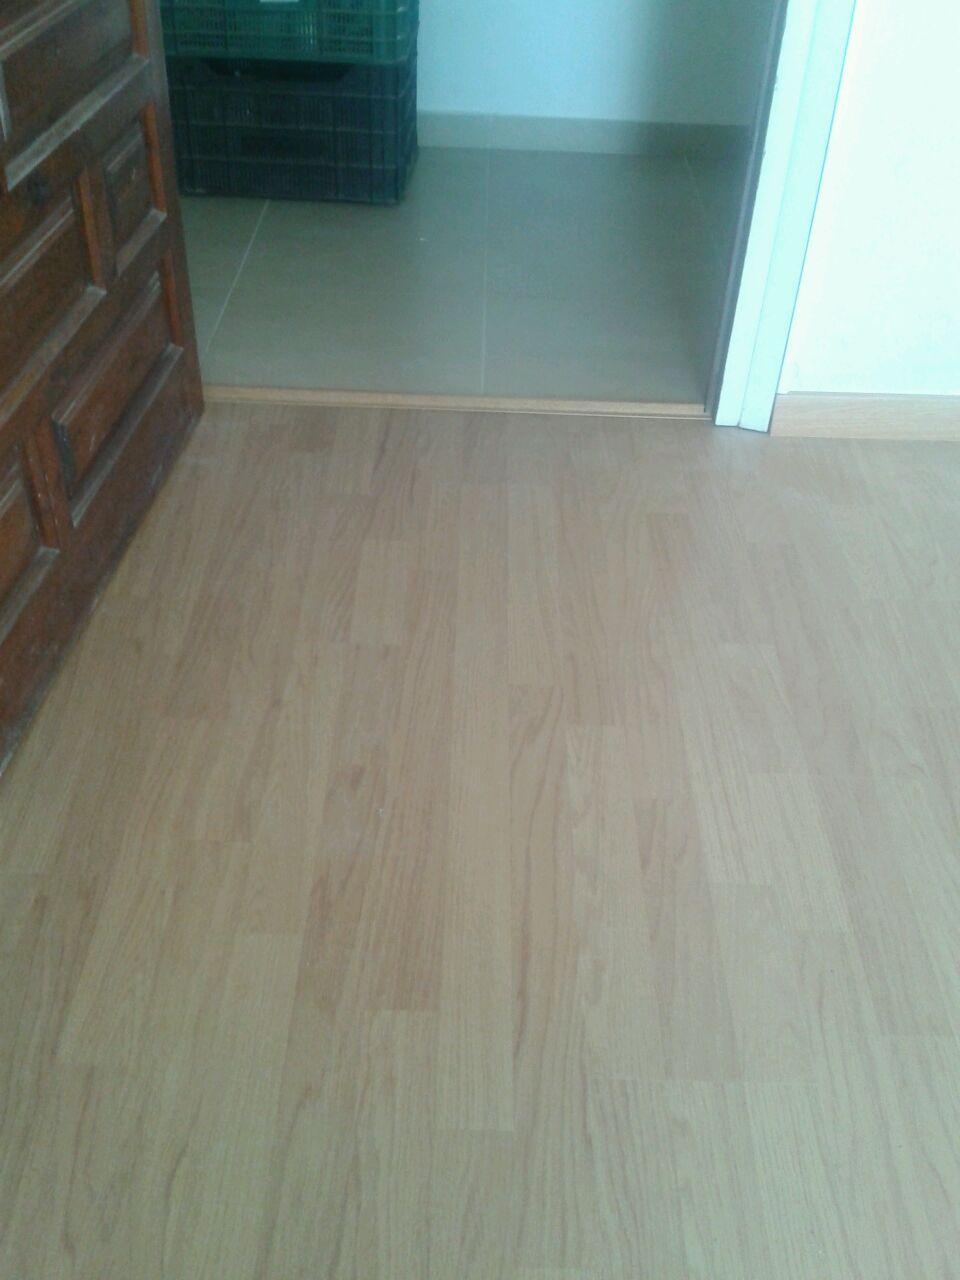 Suelo laminado precio madera ecolgica plstico composit - Precios de suelos ...